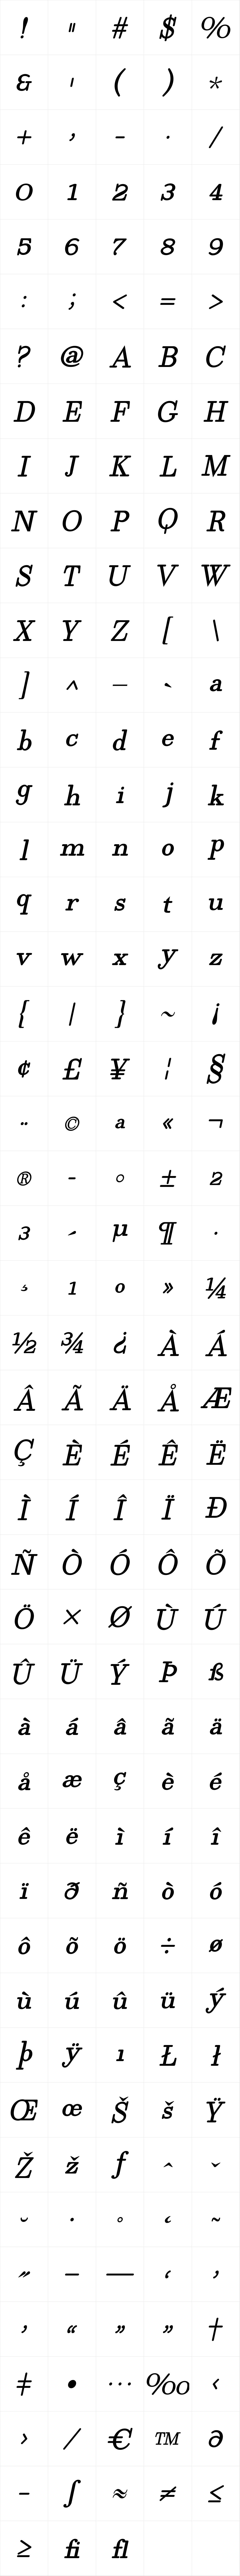 Egyptia Round Italic